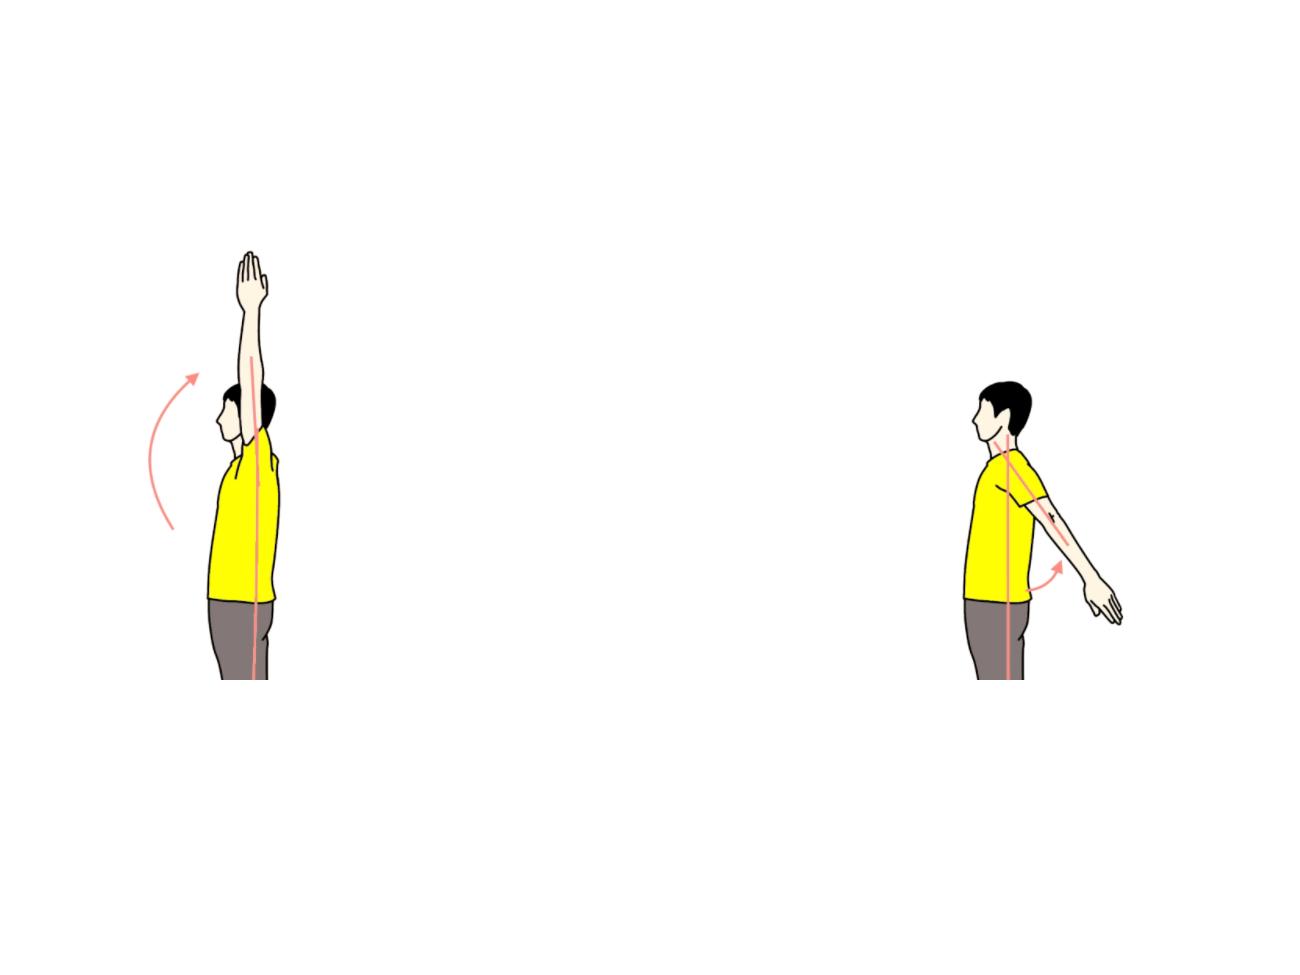 肩関節の屈曲と伸展の拮抗筋